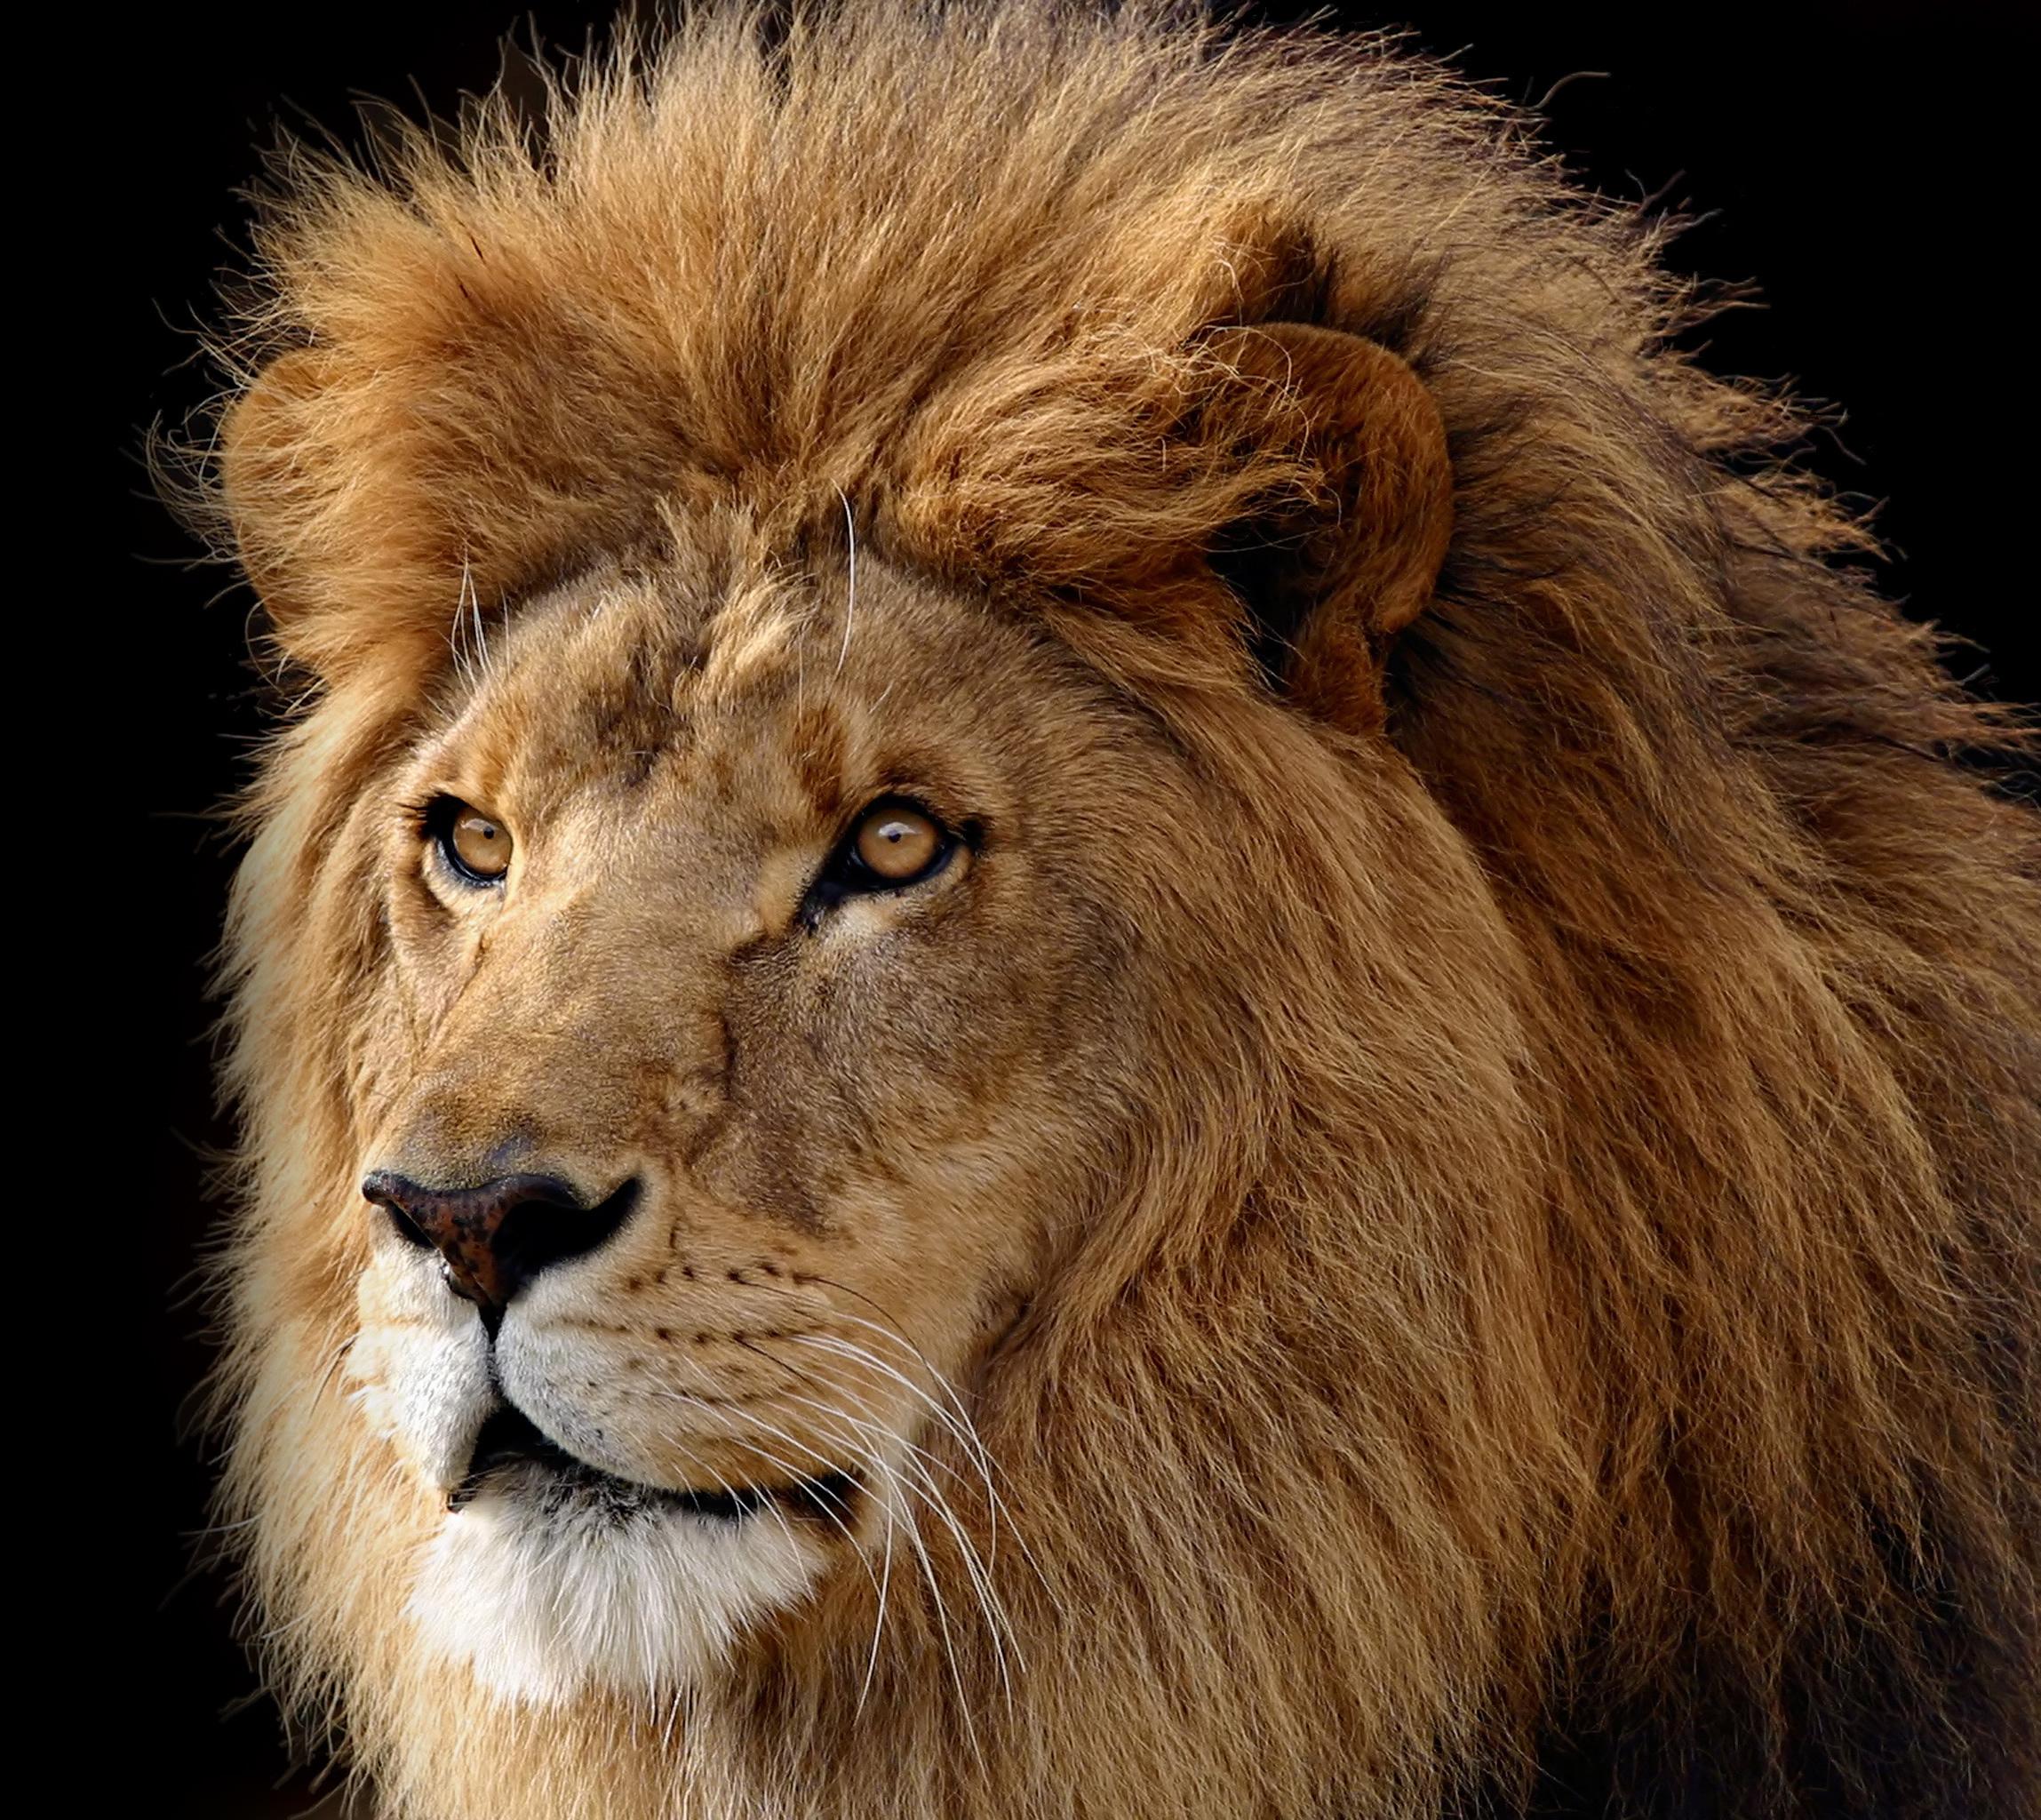 Лев, фото, обои для рабочего стола, львы, lion wallpaper, на черном фоне